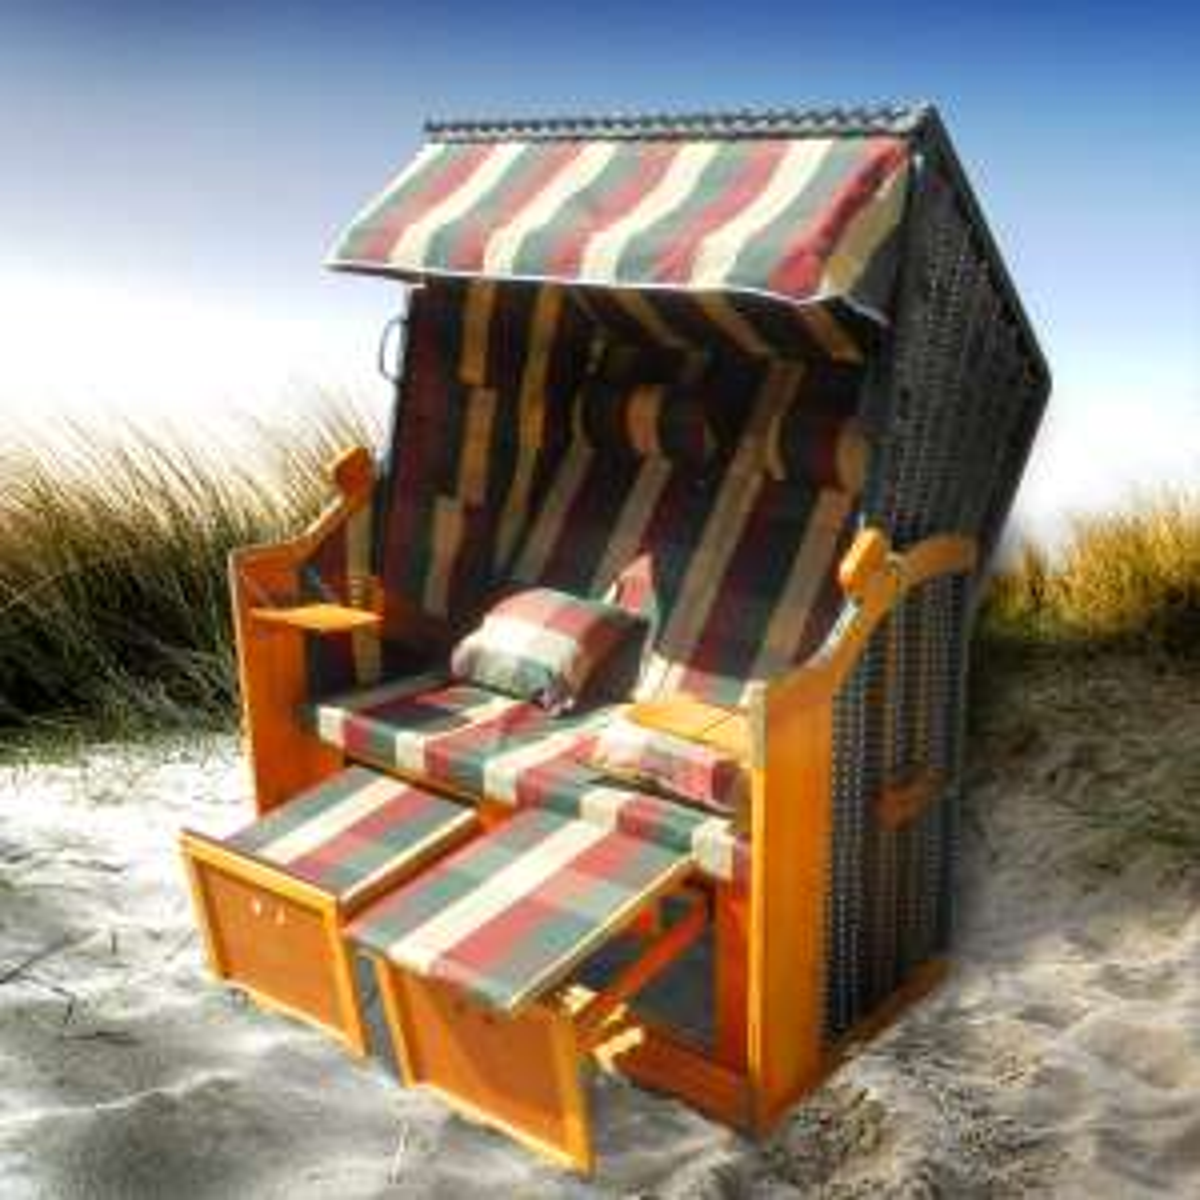 [eBay] 2-Sitzer Strandkorb Ostsee Deluxe für 211,65 € inkl. Abdeckhaube und Kissen